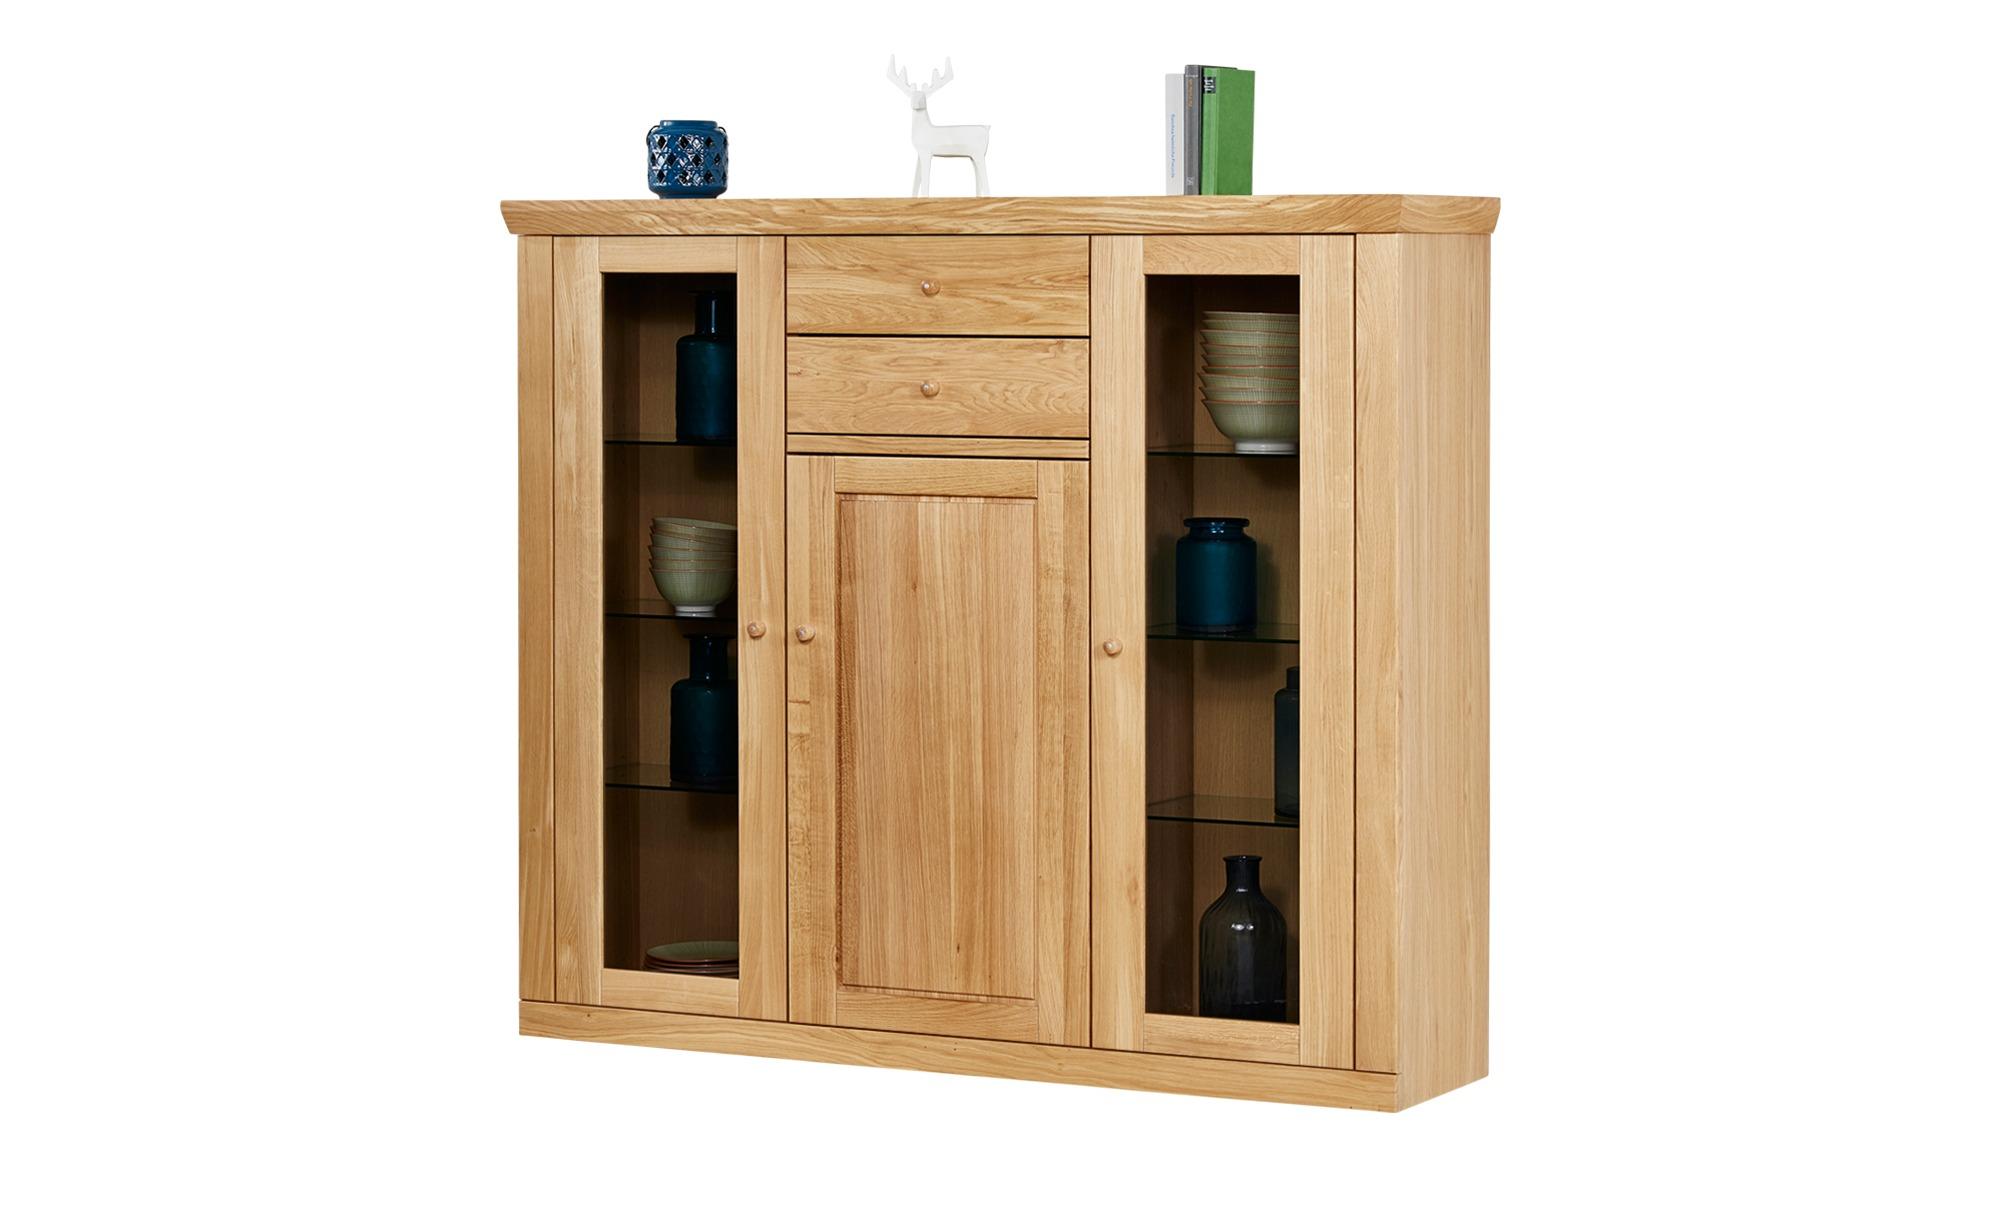 woodford highboard vera breite 163 cm h he 140 cm. Black Bedroom Furniture Sets. Home Design Ideas